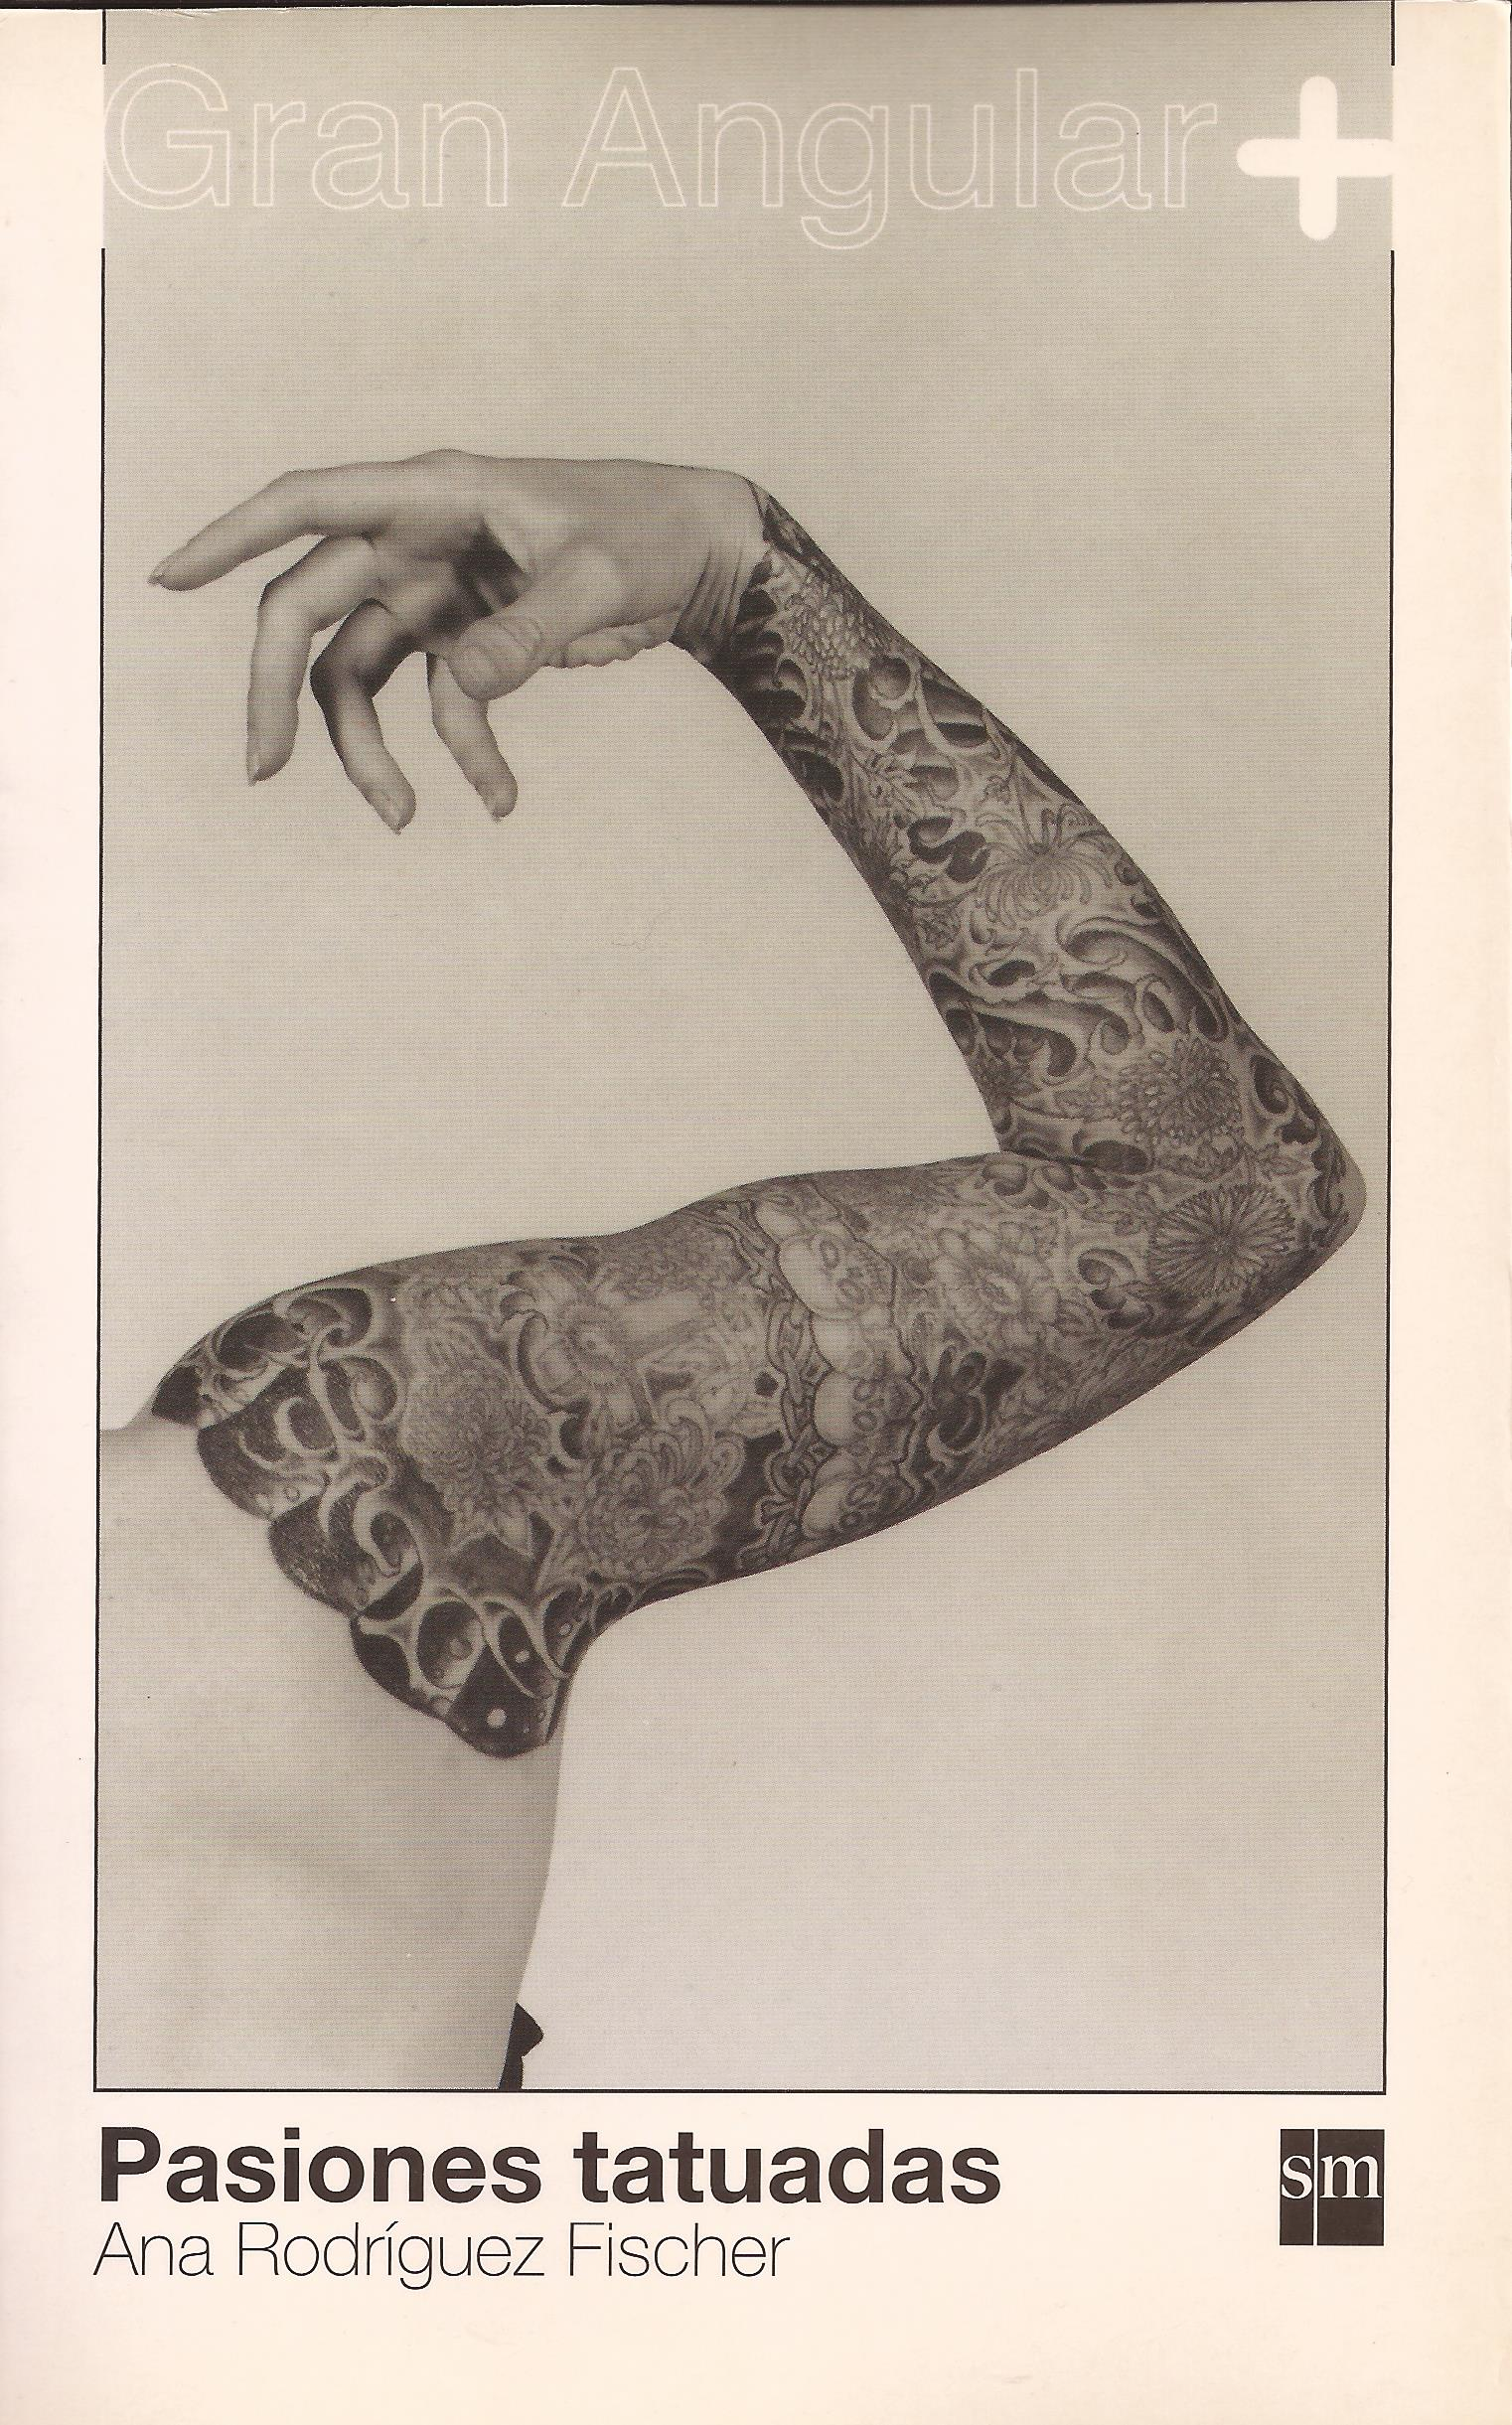 Pasiones tatuadas